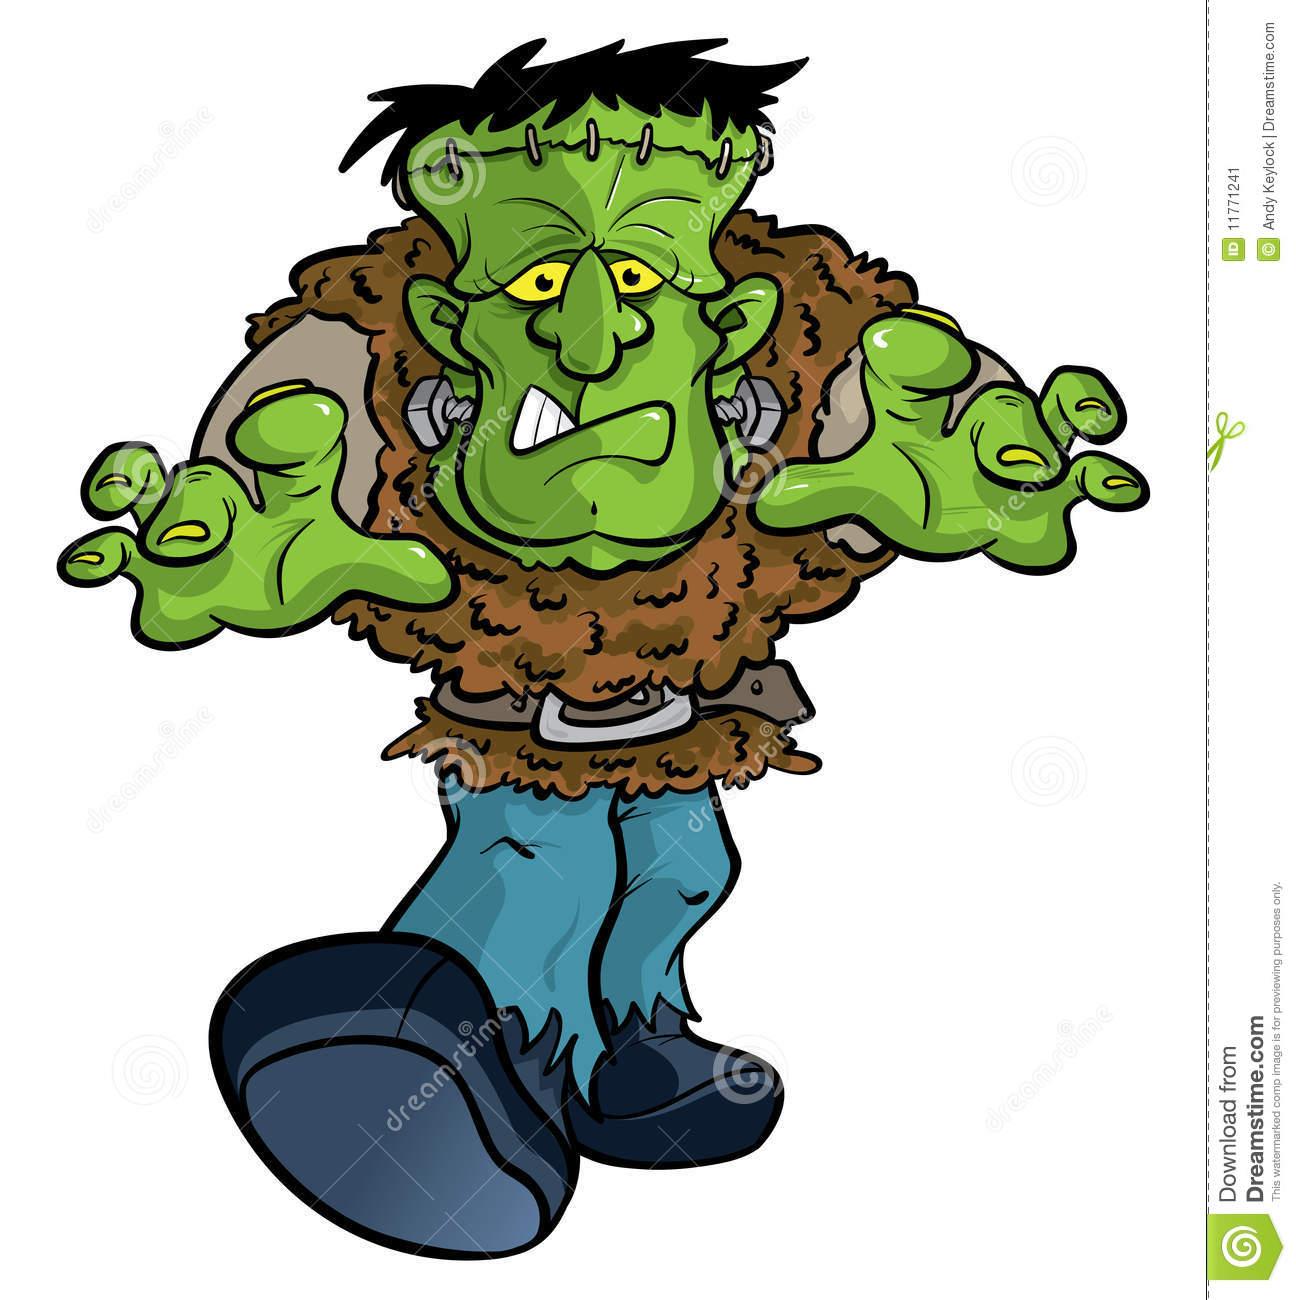 Frankenstein clipart hand. Free download best